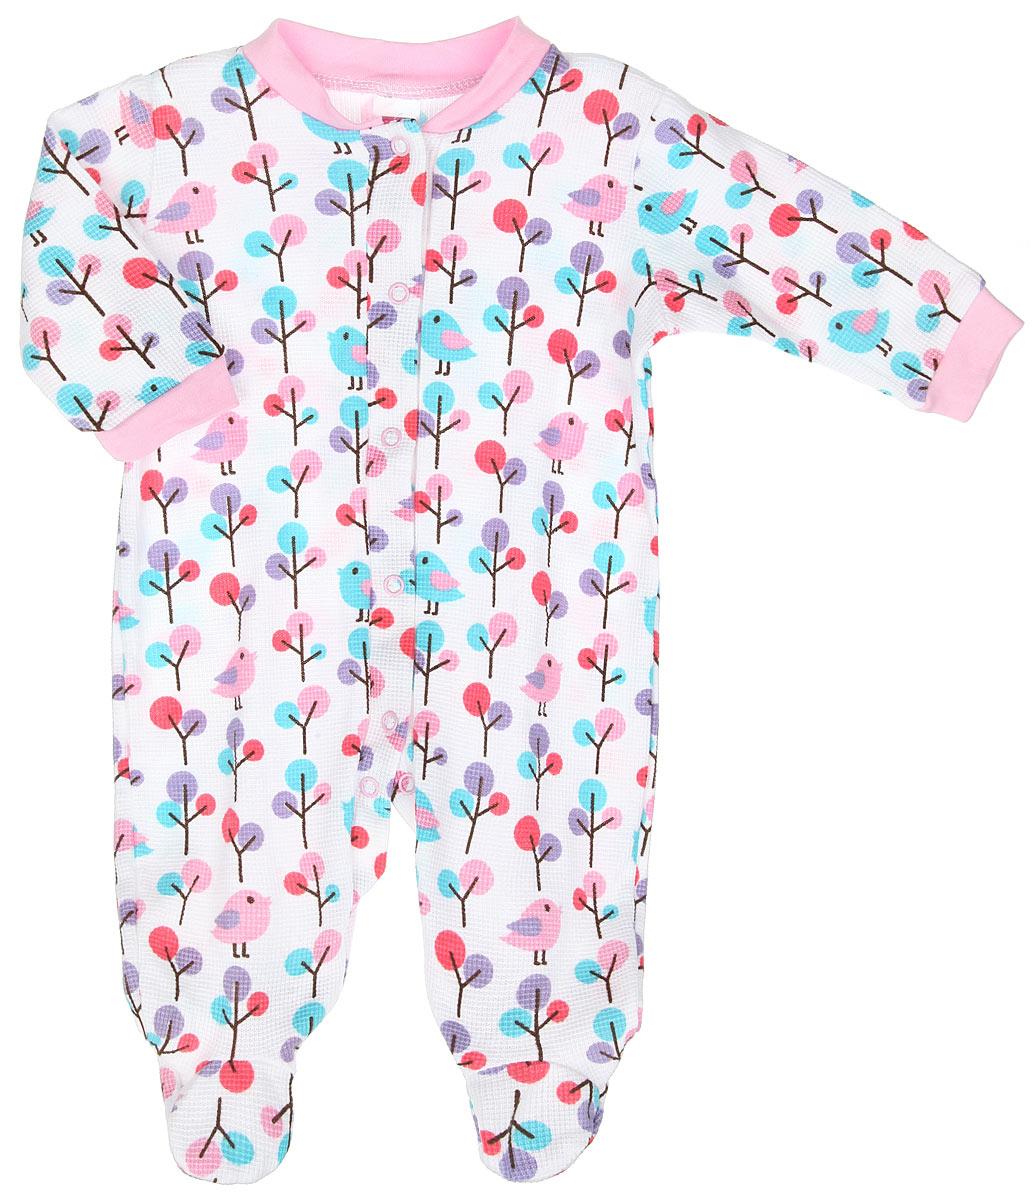 Комбинезон для девочки Hudson Baby, цвет: белый, розовый, голубой. 55095. Размер 55/61, 0-3 месяца55095Комбинезон для девочки Hudson Baby - удобный и практичный вид одежды для ребенка, который идеально подходит для сна и отдыха. Комбинезон выполнен из натурального хлопка, благодаря чему он очень мягкий и приятный на ощупь, не раздражает нежную кожу малышки и хорошо вентилируется. Комбинезон с длинными рукавами и закрытыми ножками имеет застежки-кнопки от горловины до щиколоток, которые помогают легко переодеть младенца или сменить подгузник. Вырез горловины дополнен мягкой трикотажной резинкой. На рукавах предусмотрены манжеты, не пережимающие запястья. Изделие оформлено принтом с изображением птичек и деревьев по всей поверхности. Комфортный и уютный комбинезон станет незаменимым дополнением к гардеробу вашей маленькой принцессы. Изделие полностью соответствует особенностям жизни младенца в ранний период, не стесняя и не ограничивая его в движениях.